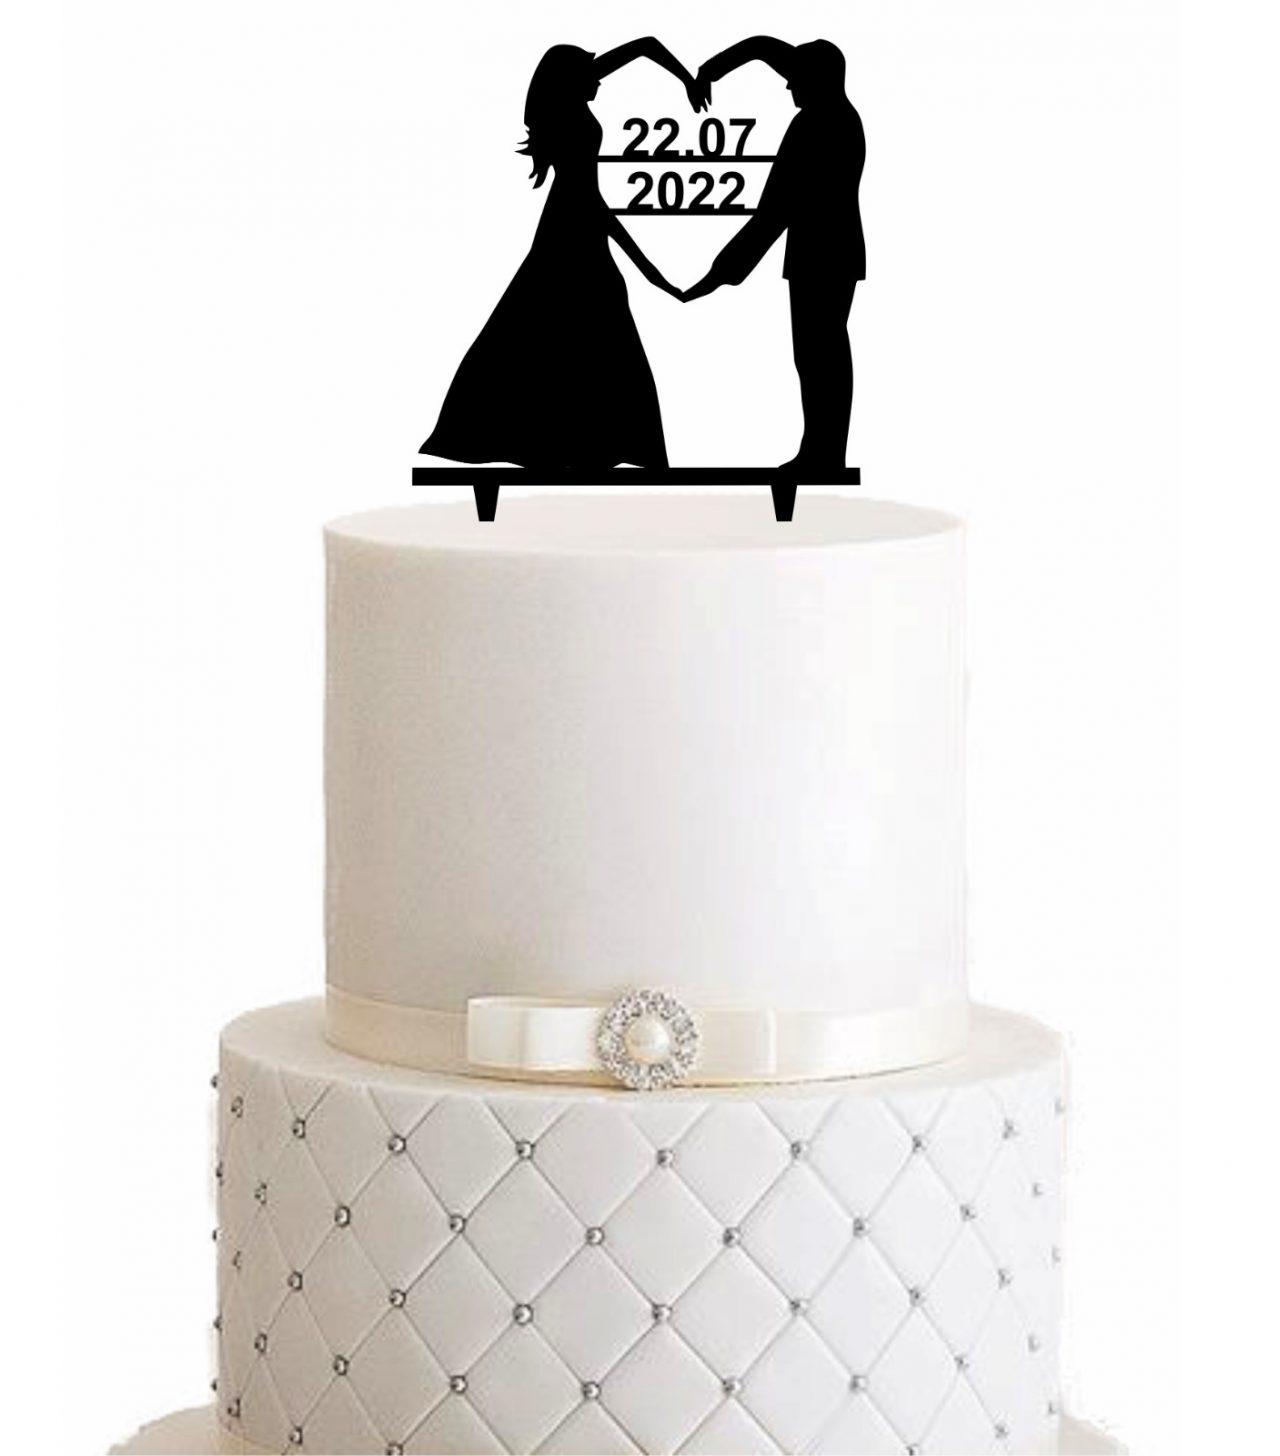 Cake Topper Datum im Herzen - Personalisiert